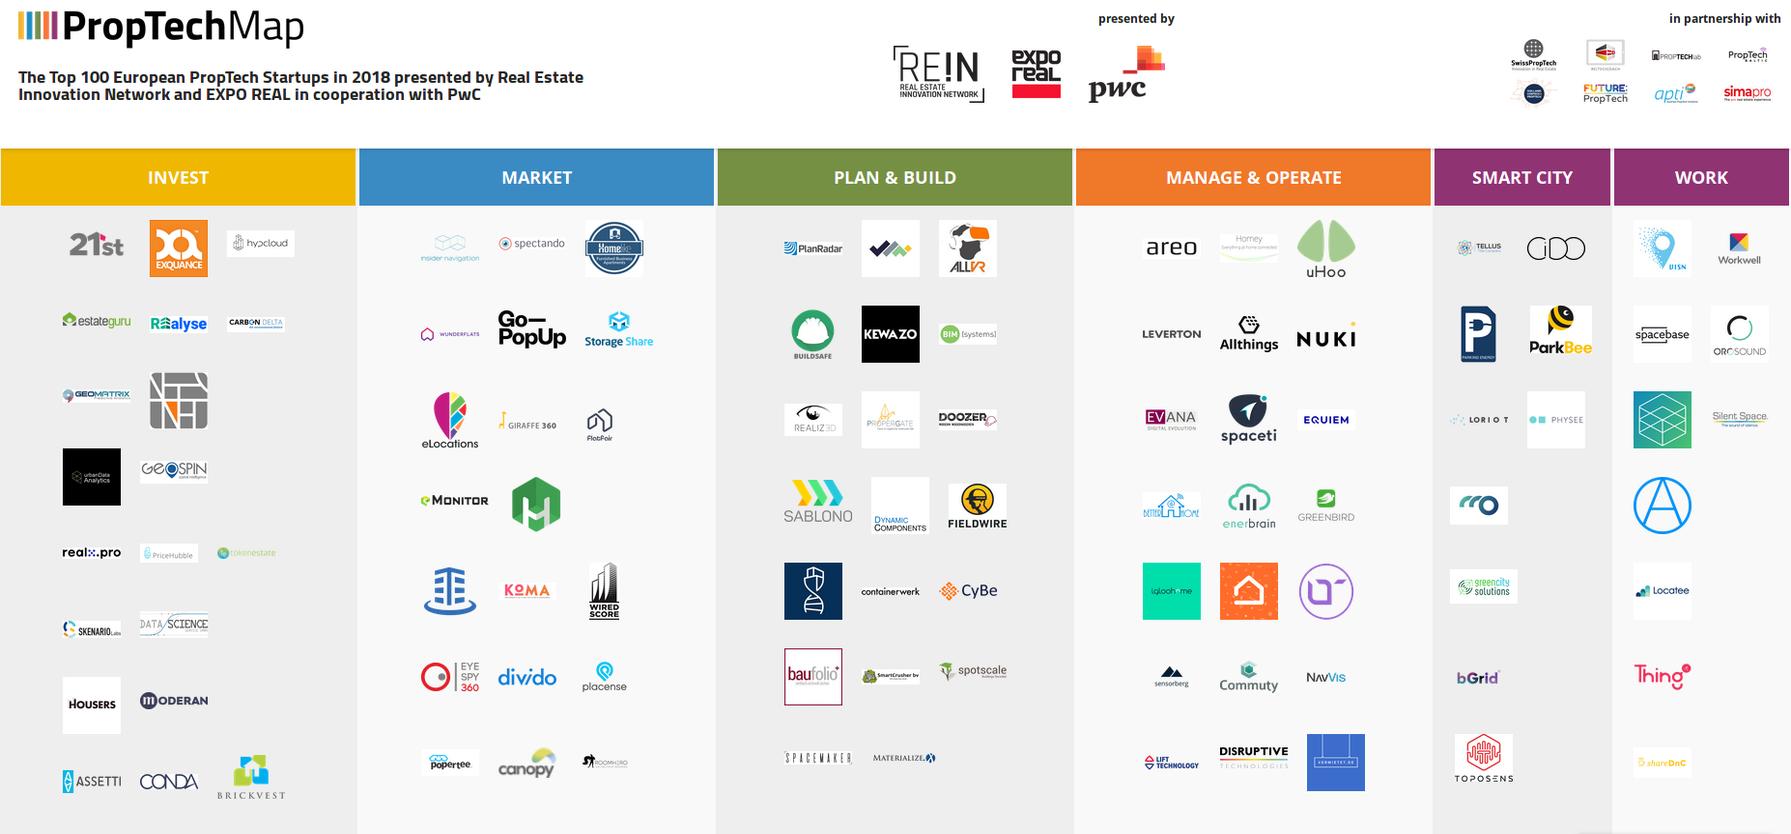 Топ-100 европейских проптех-стартапов